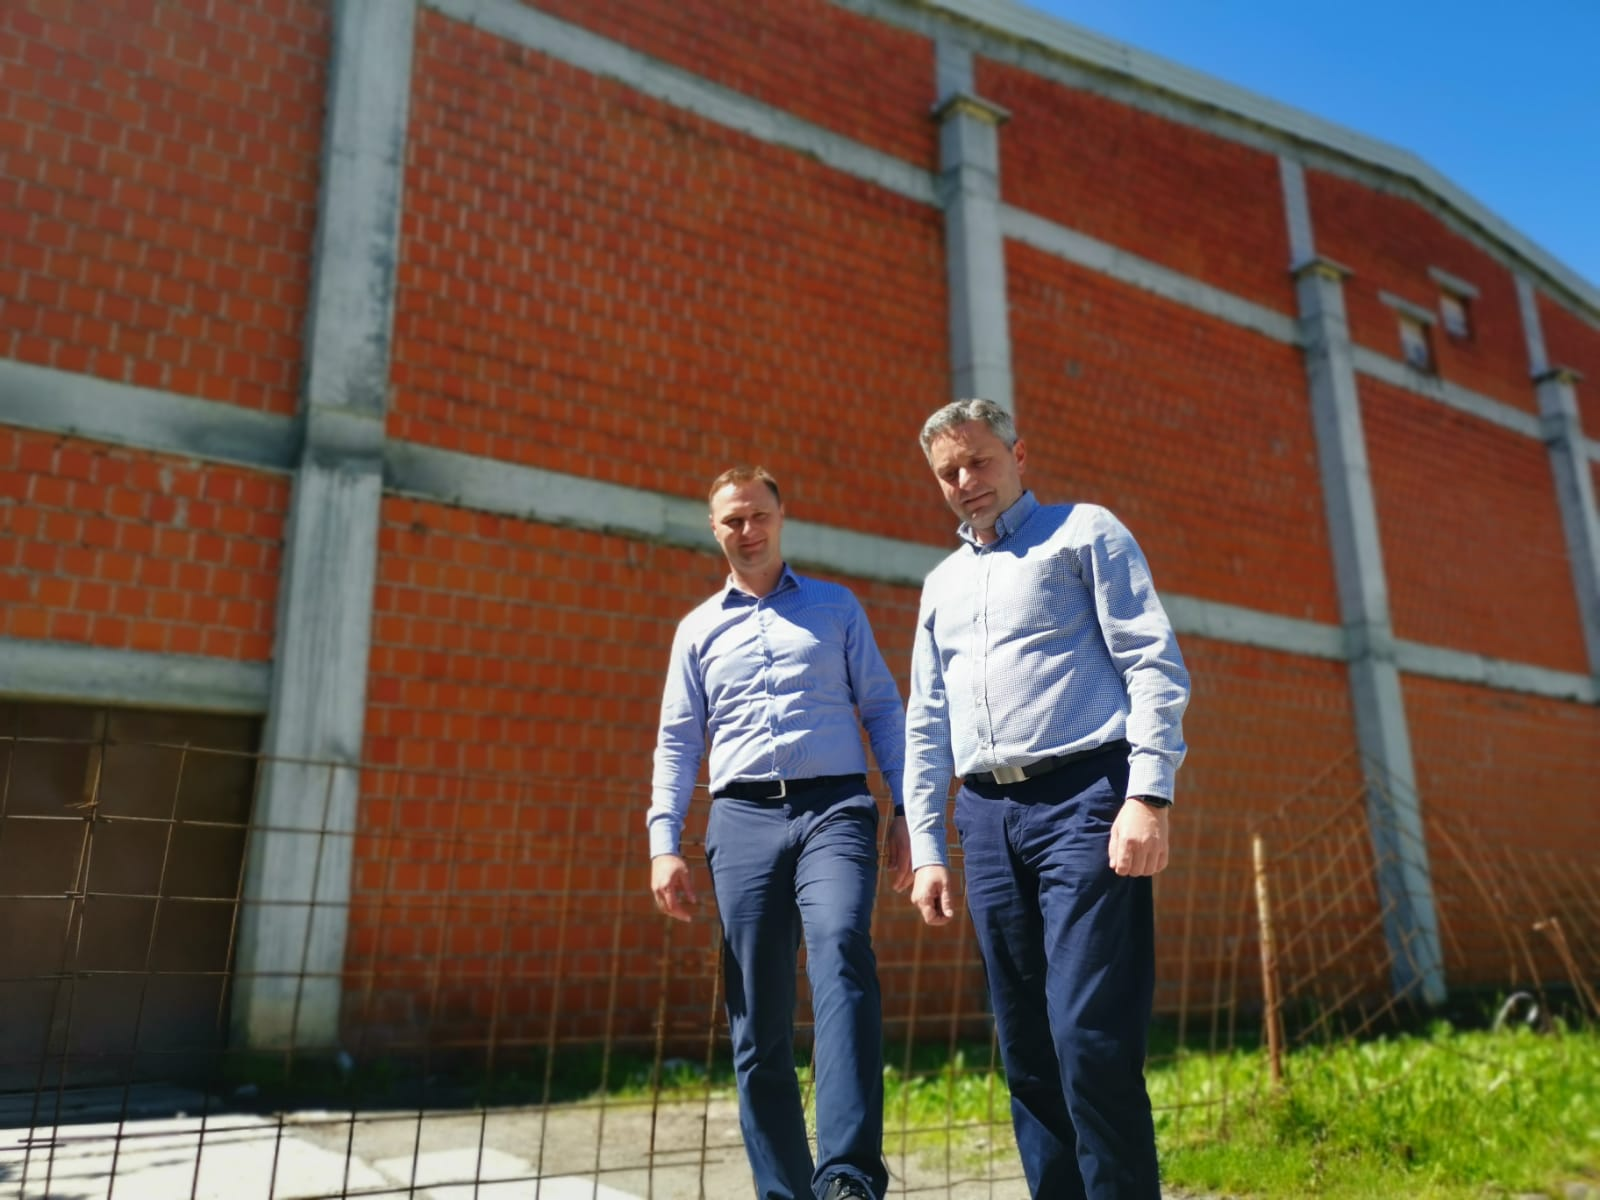 Hercegovac: Umjesto da u njoj treniraju učenici i sportaši, u nedovršenoj sportskoj dvorani skladišti se čips